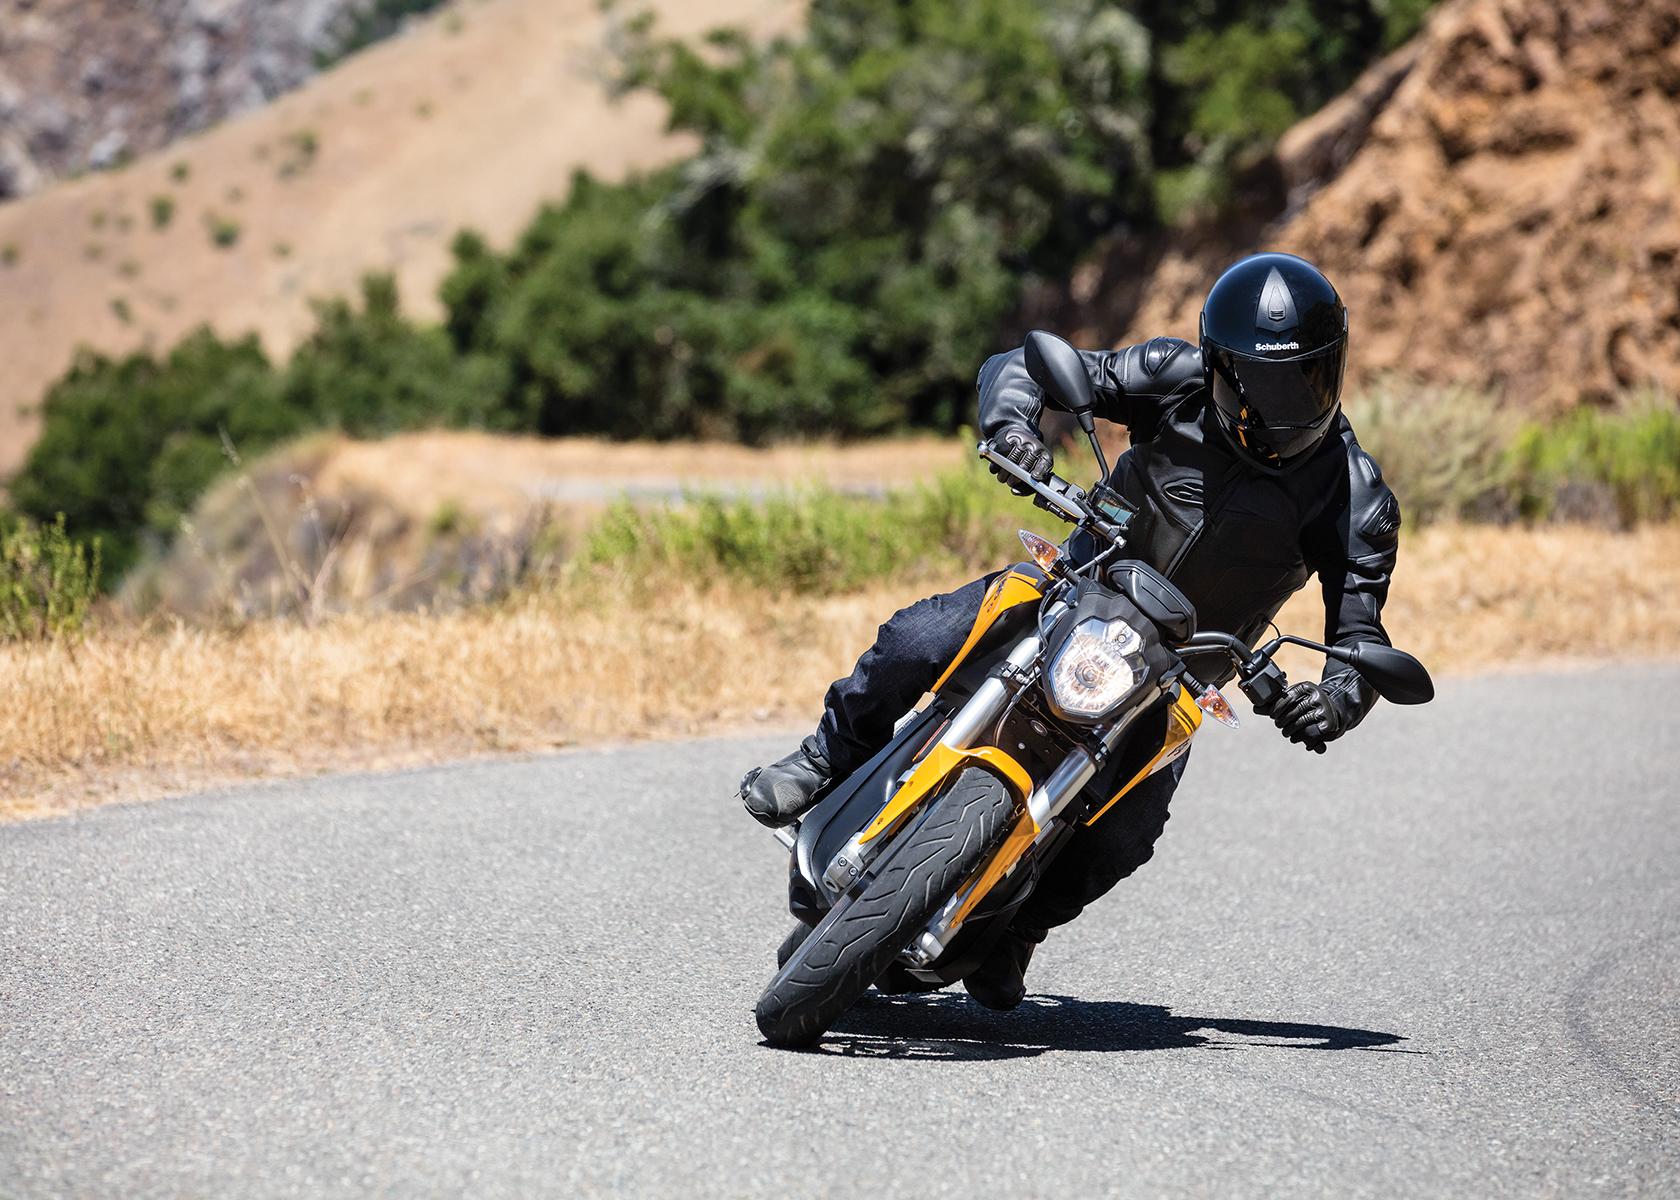 2017 Zero S Electric Motorcycle: